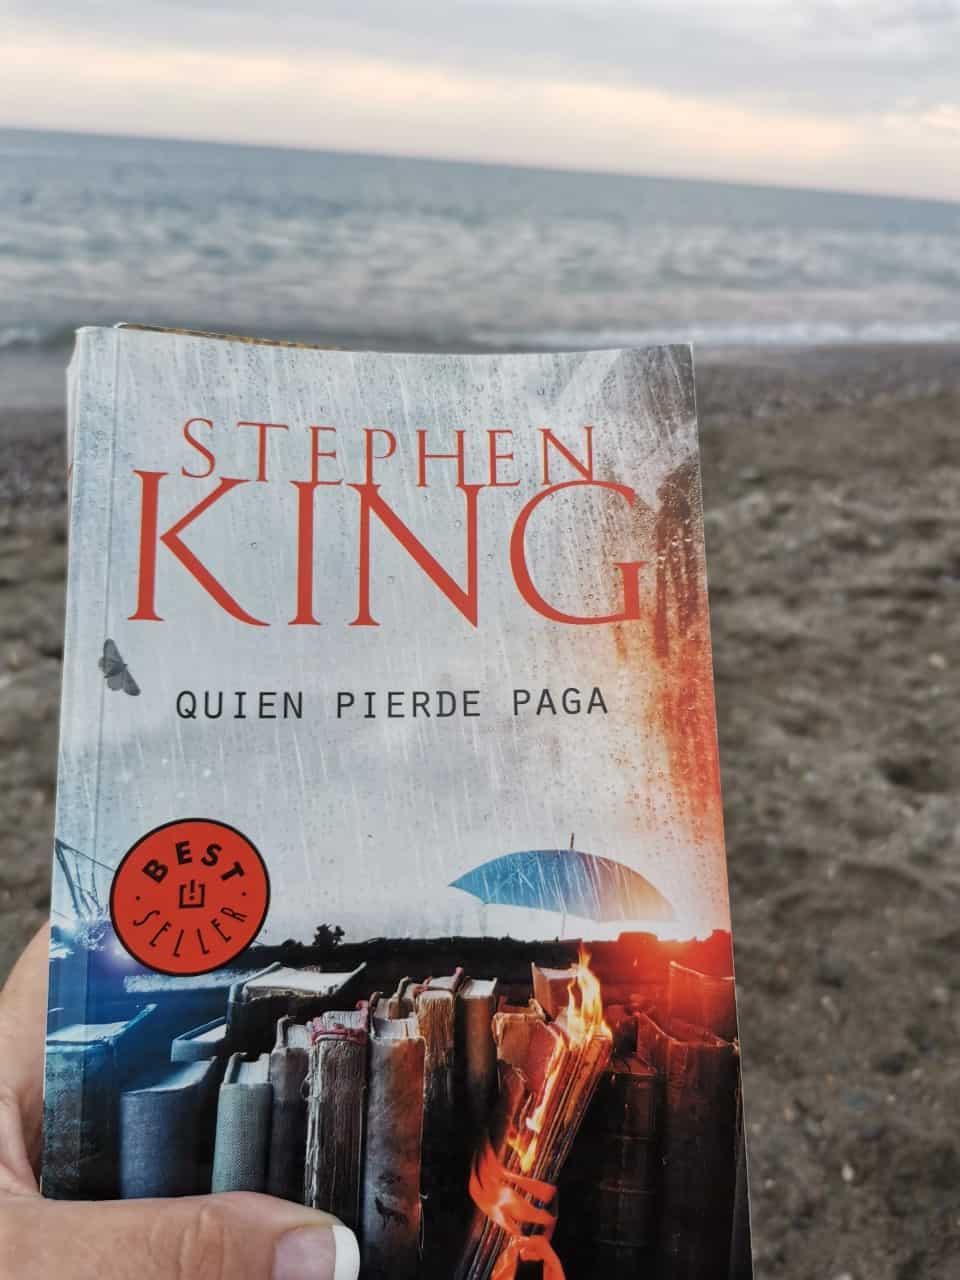 QUIEN PIERDE PAGA de Stephen king